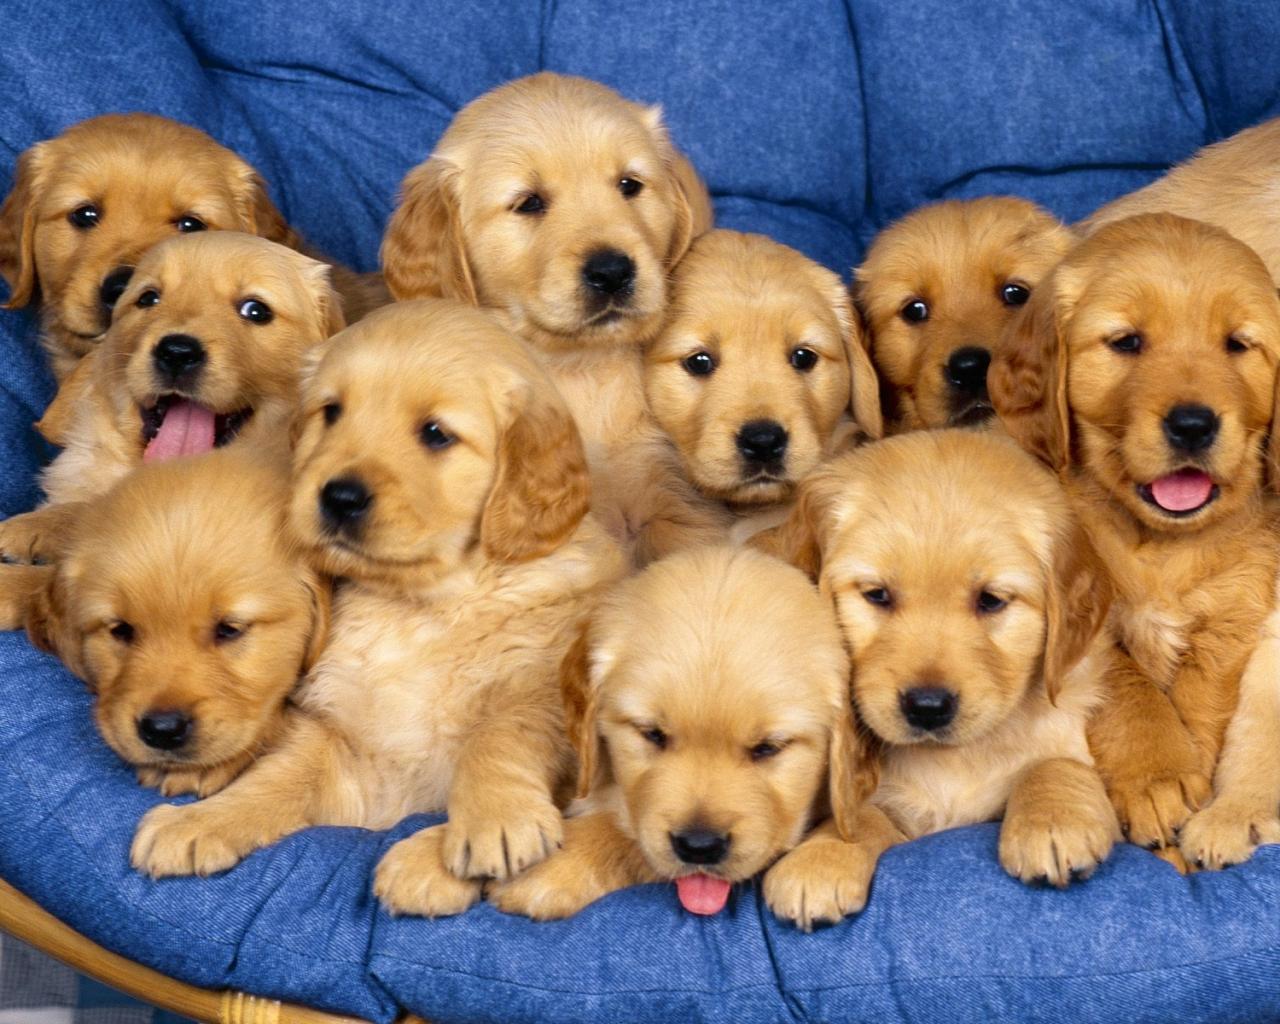 Fondos De Pantalla De Animales Bebes: Fondo De Pantalla Manada De Perros Bebes 1280x1024